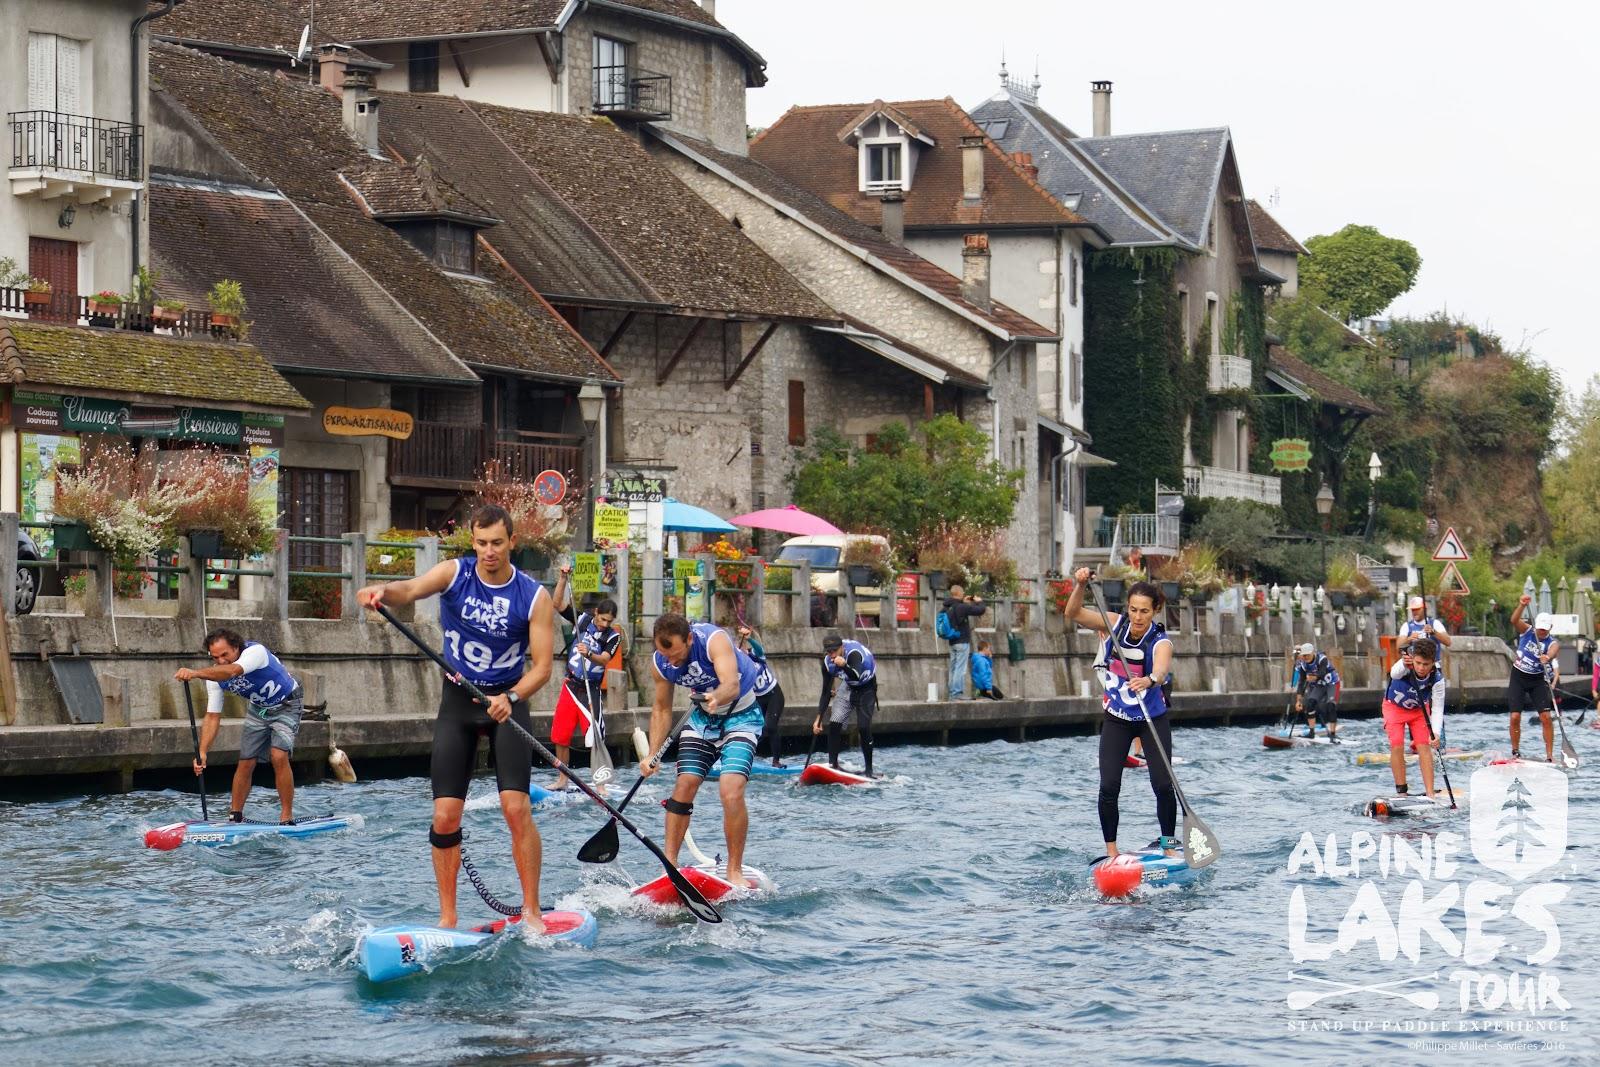 Alpine Lakes Tour Savières 2016-123.jpg